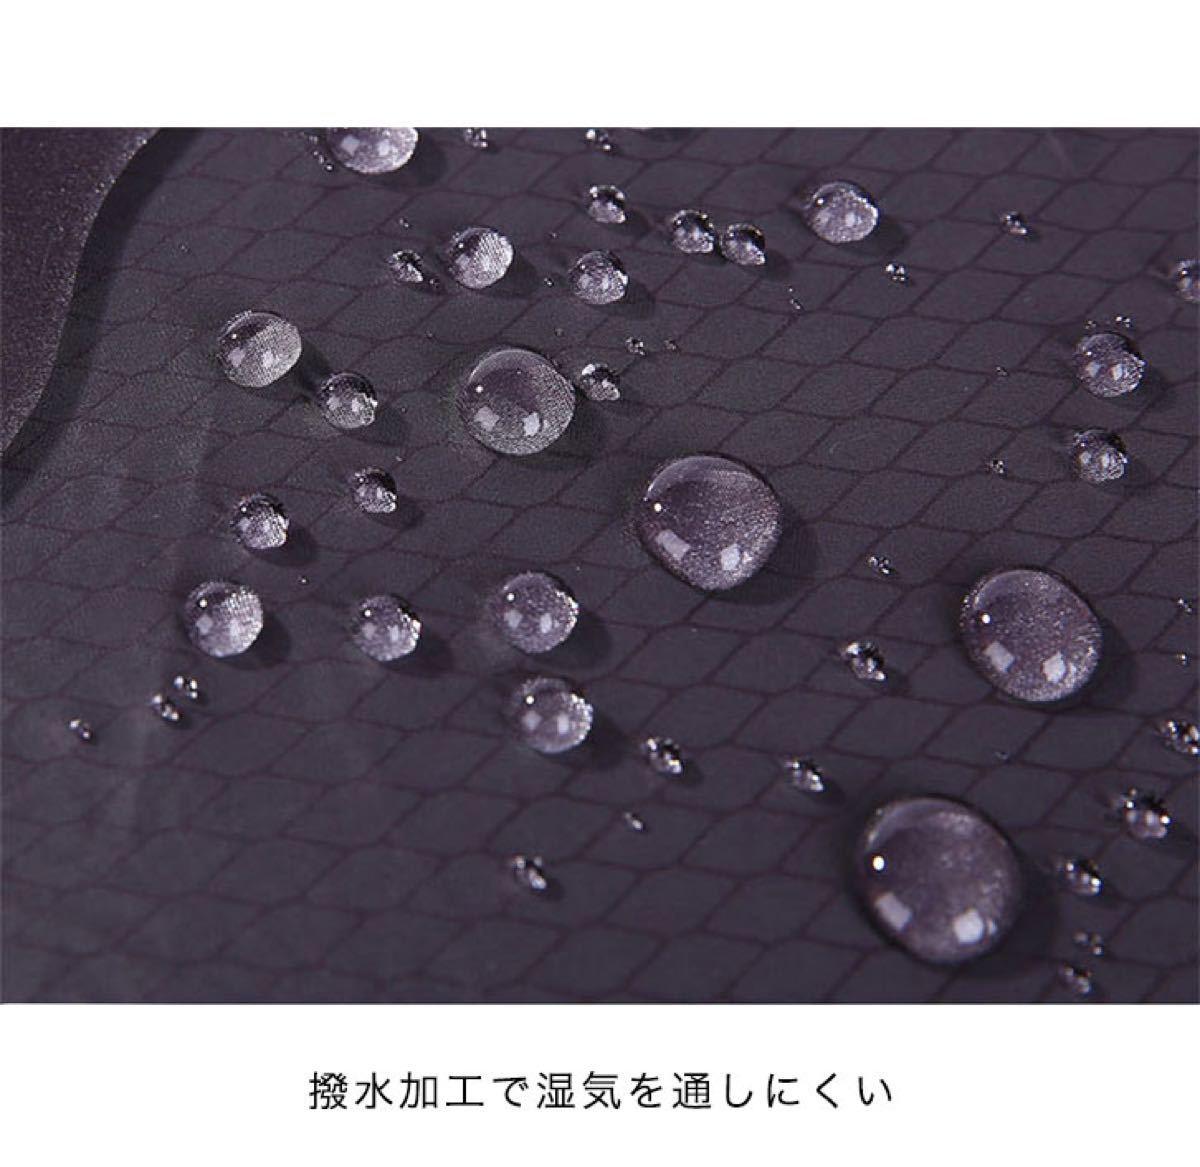 【ブルー】防水レジャーシート レジャーシート コンパクト 防水 ピクニック アウトドア